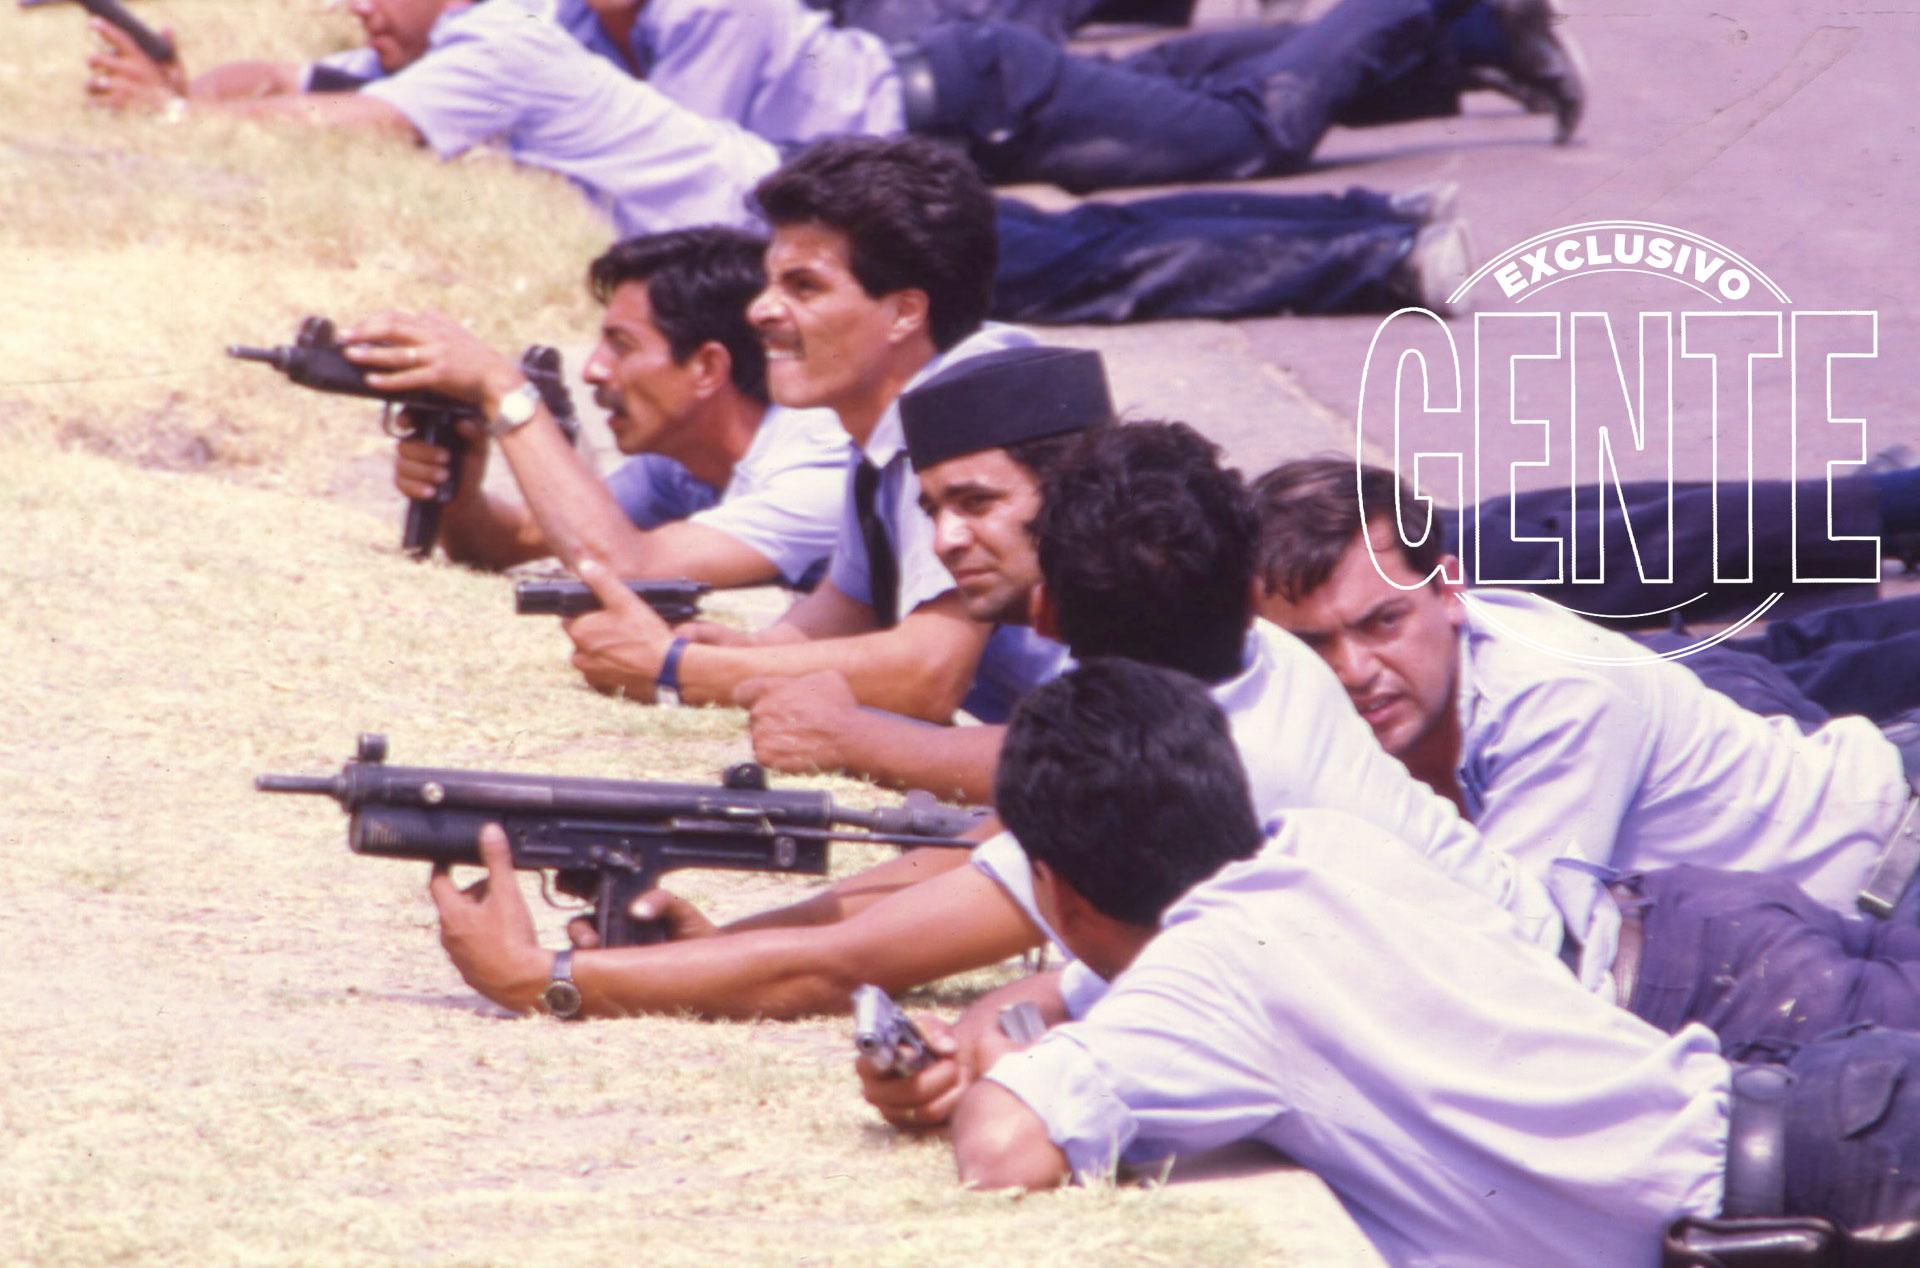 A las ocho de la mañana, ya un centenar de efectivos de Policía provincial rodeaban el perímetro del cuartel.